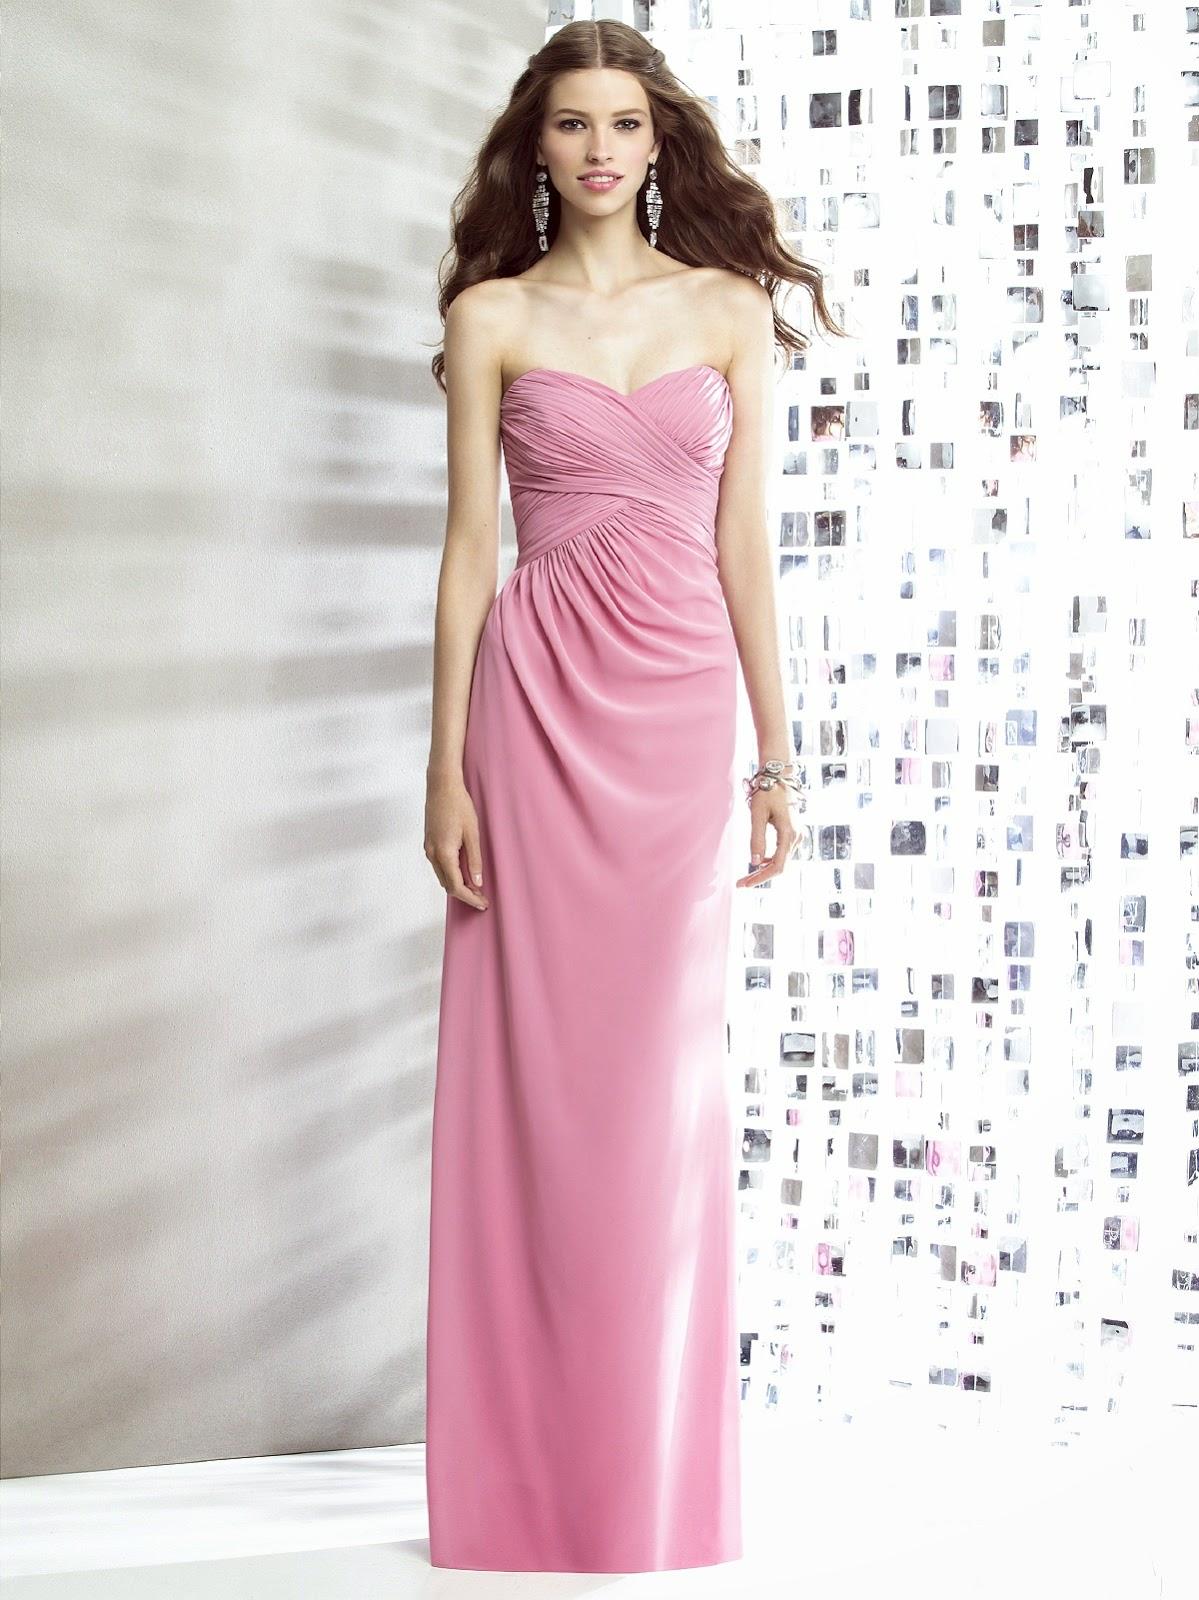 Maravillosos vestidos de damas | Moda y Tendencias | 101 Vestidos de ...